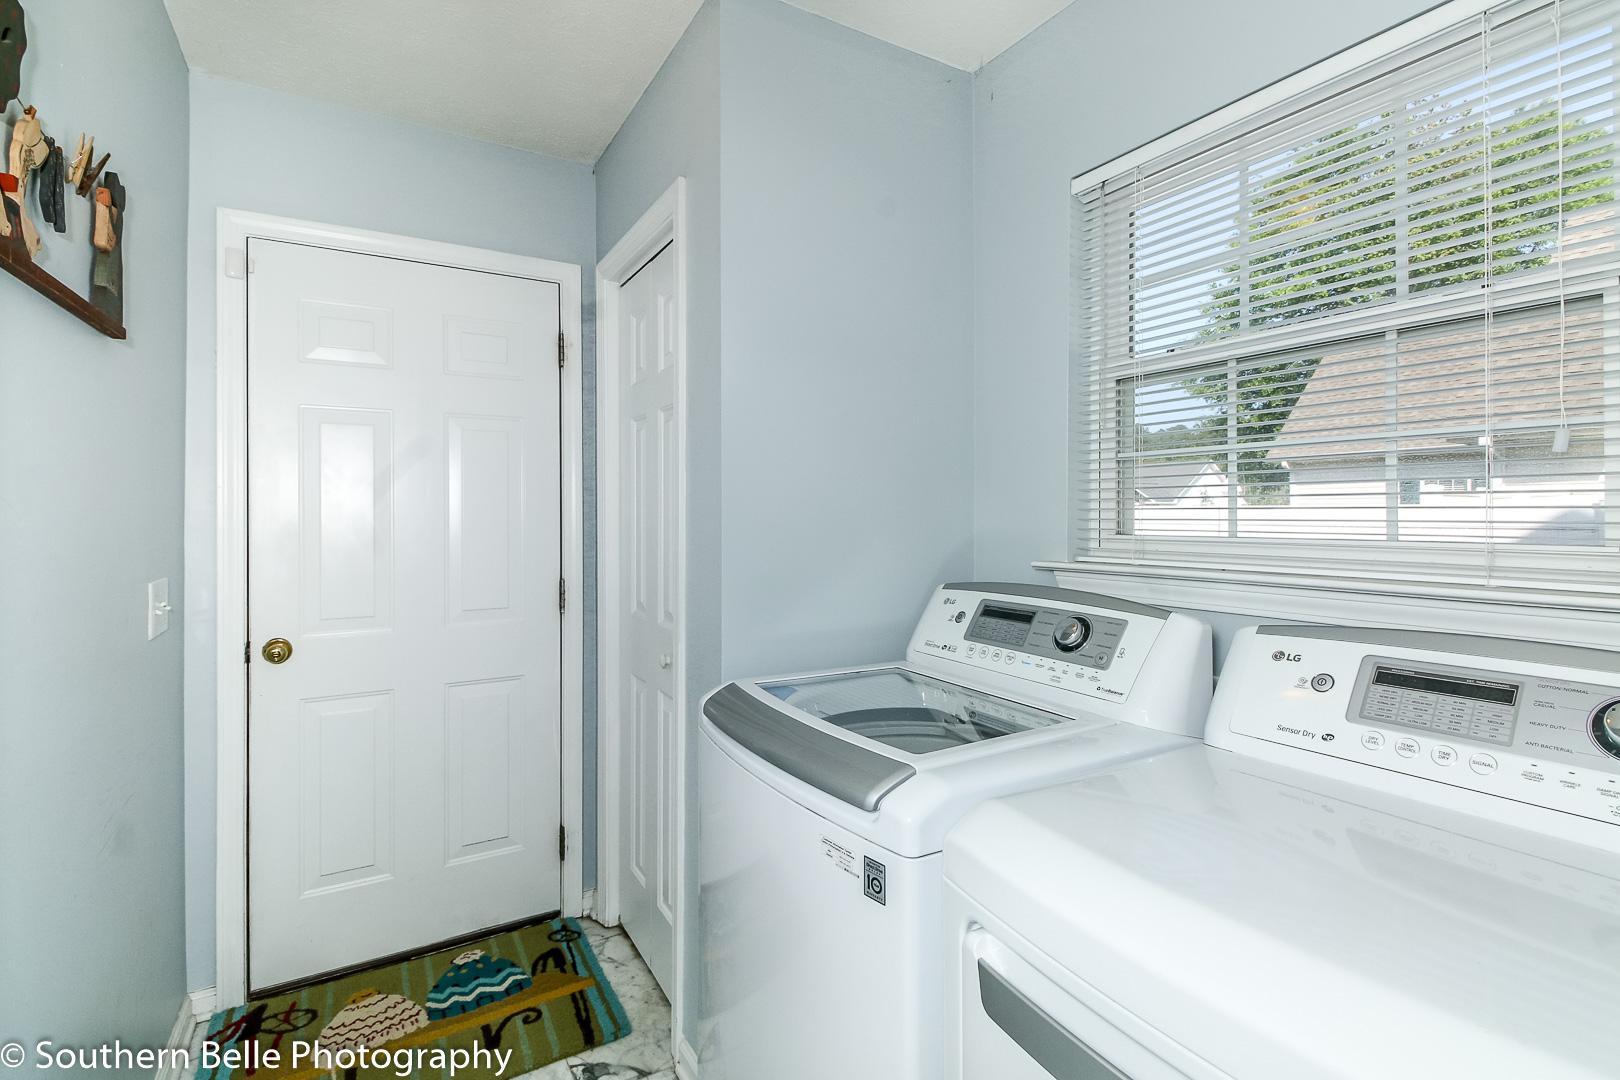 12. Laundry Room WM